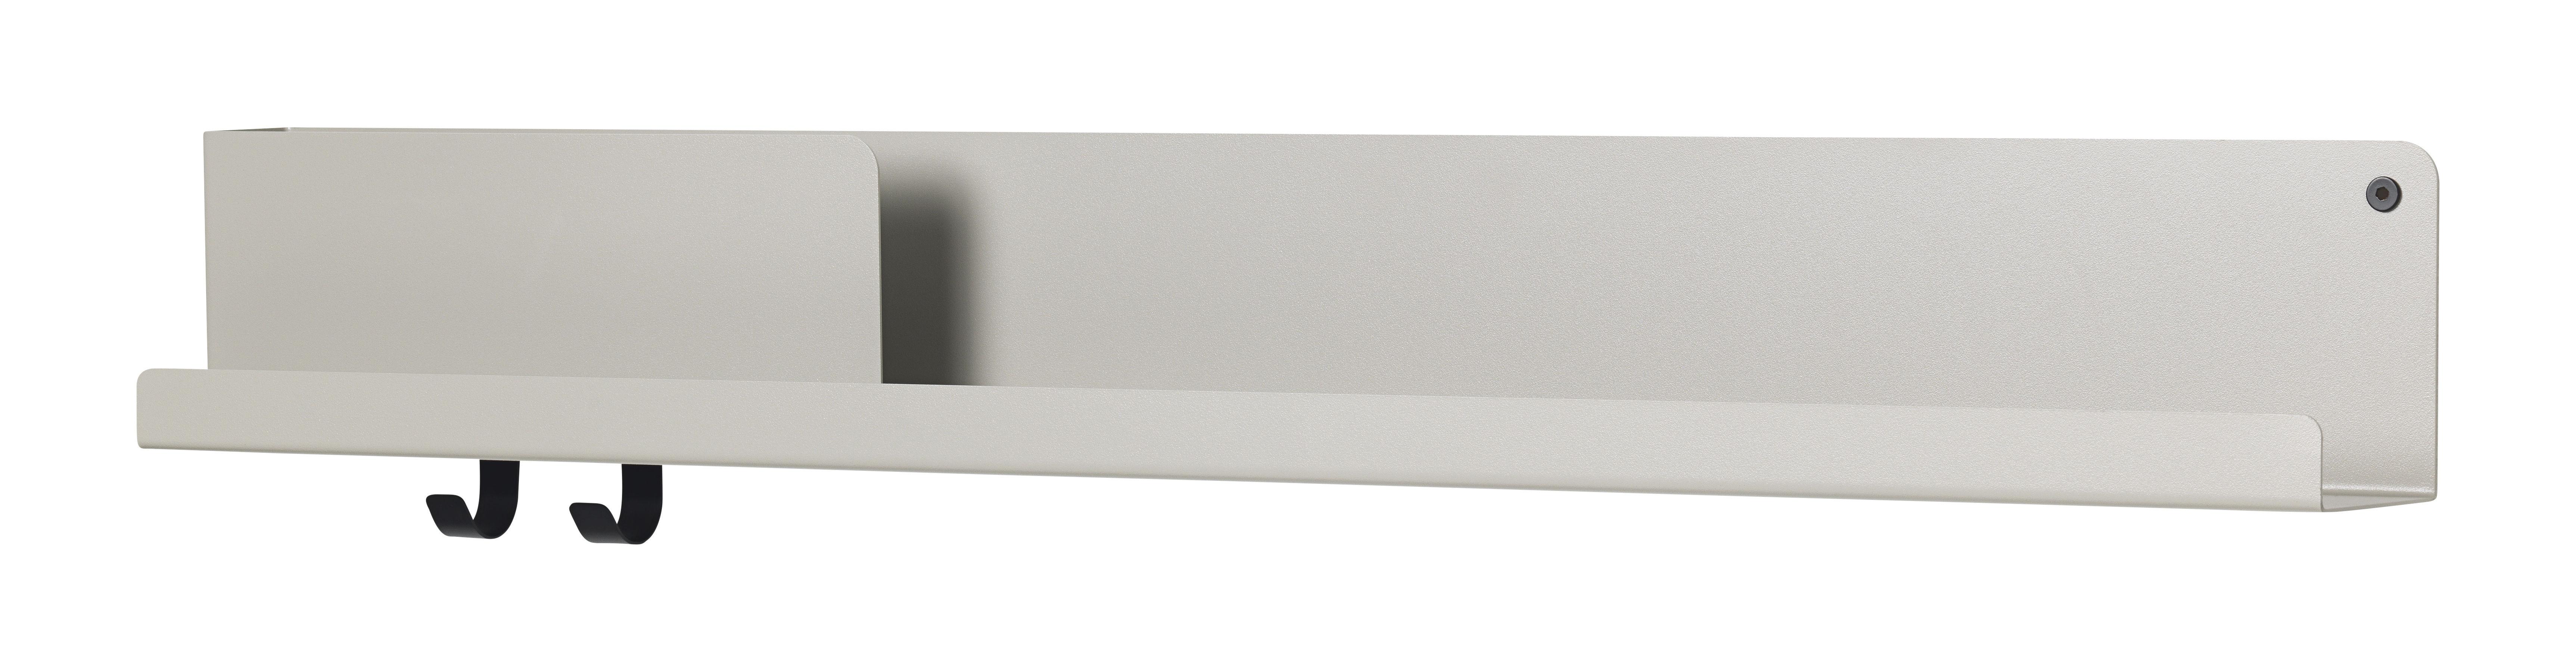 Arredamento - Scaffali e librerie - Mensola Folded Large / L 95 cm - Metallo - 2 ganci + scomparto - Muuto - Grigio - Acciaio laccato